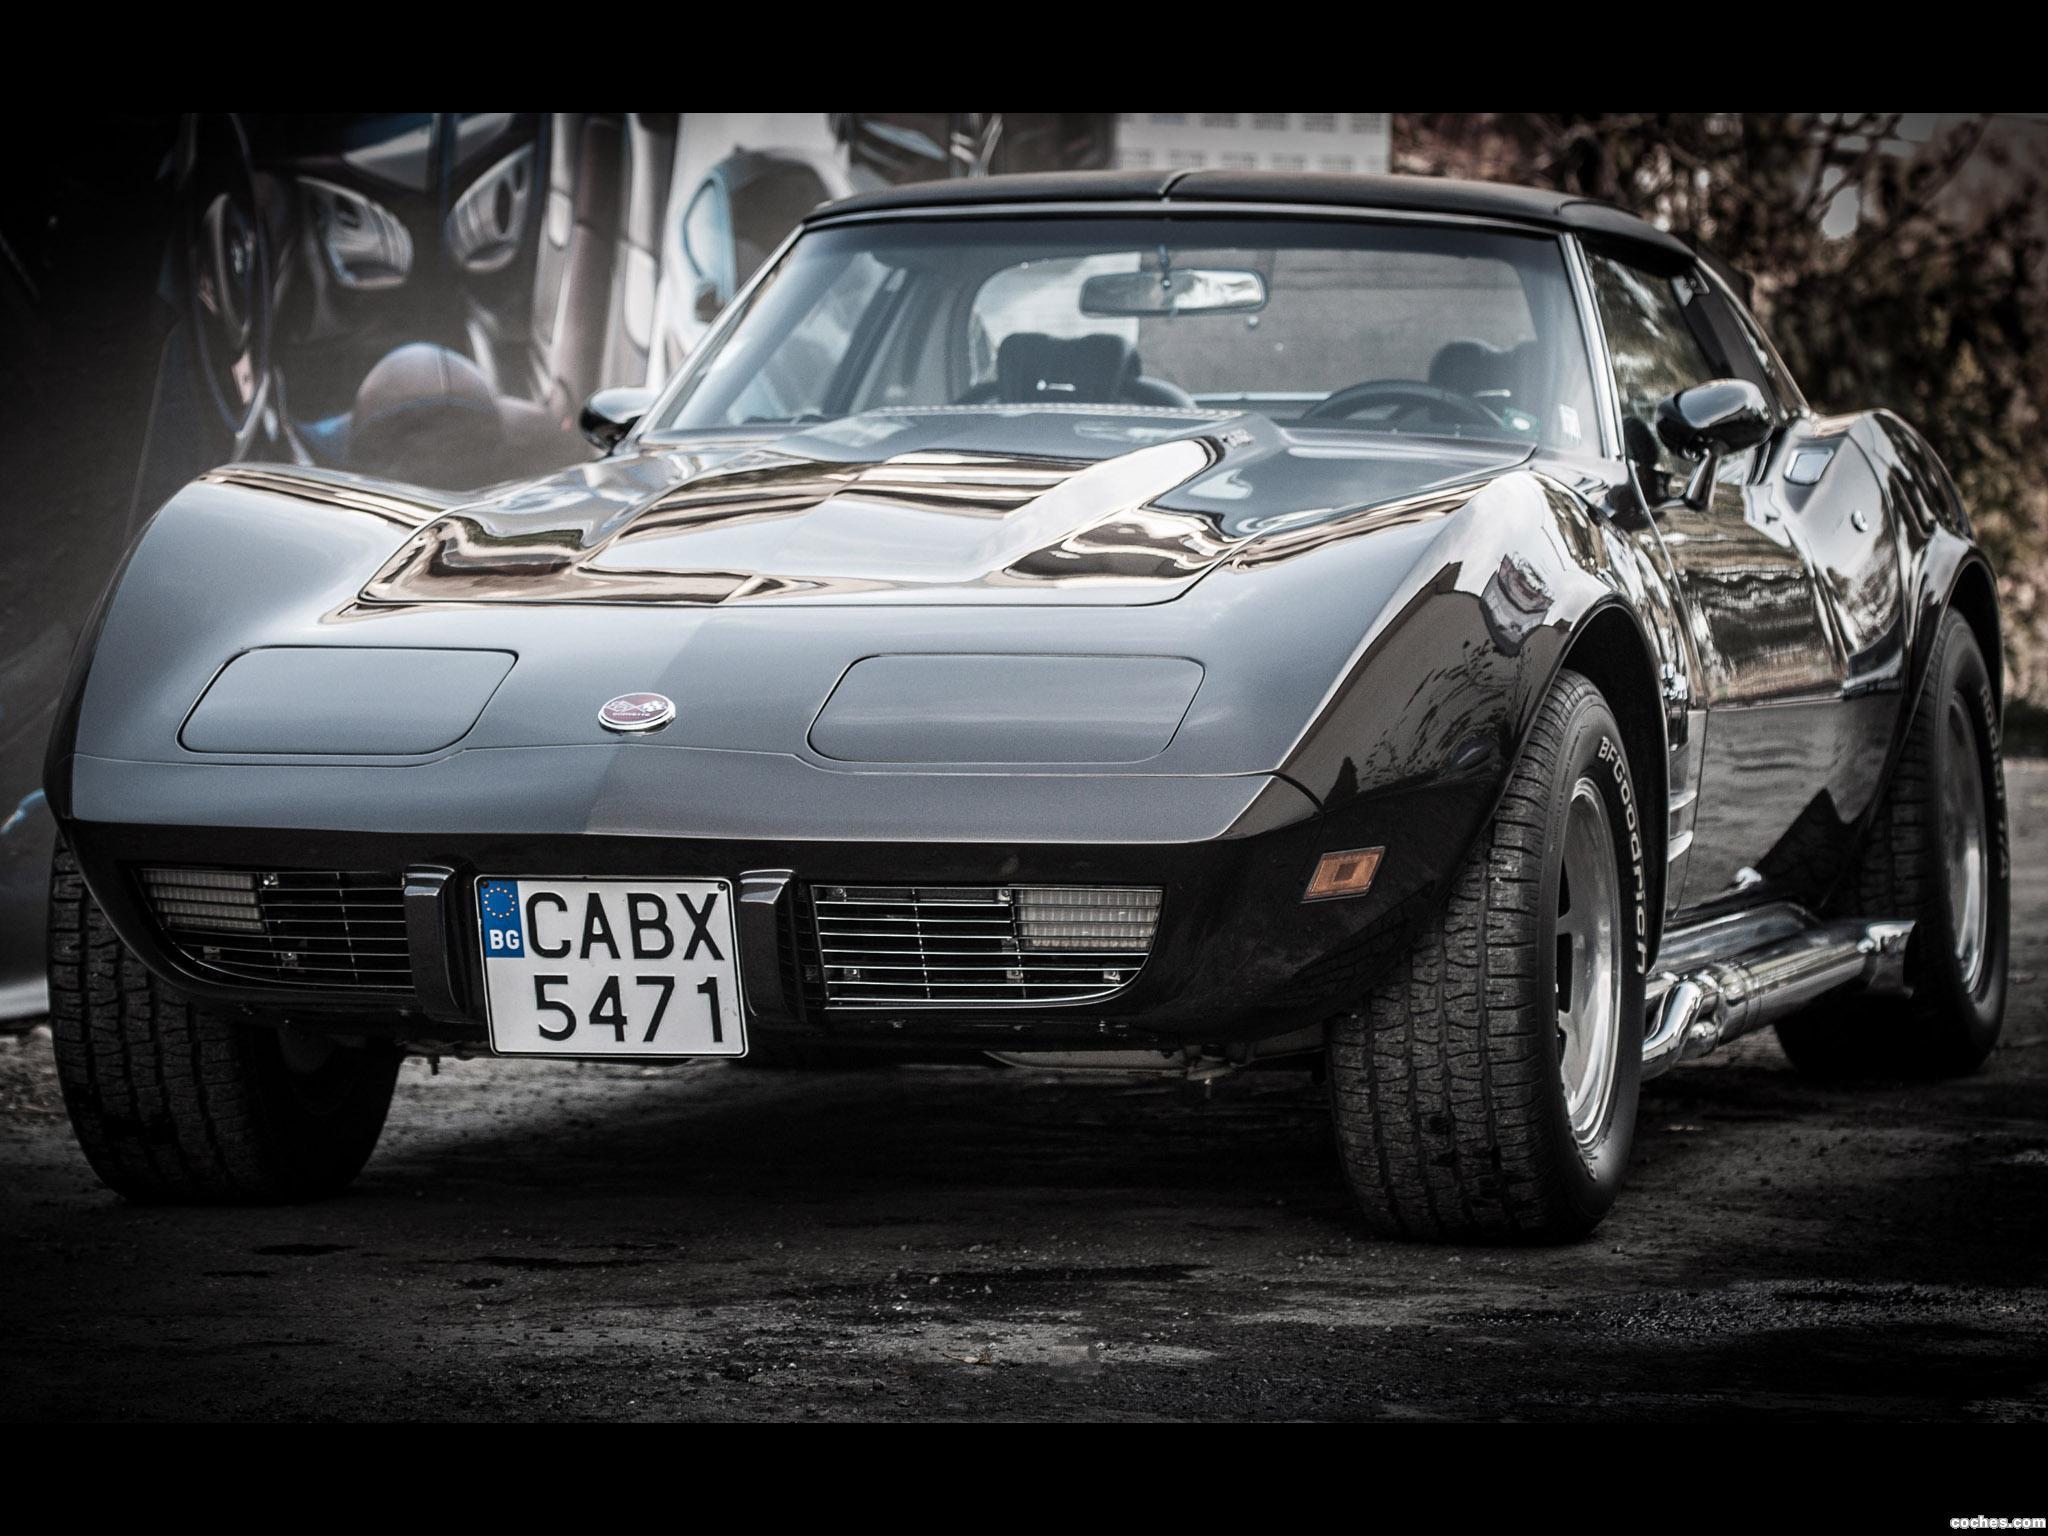 Foto 4 de Chevrolet Vilner Corvette Stingray 1976 C3 2013